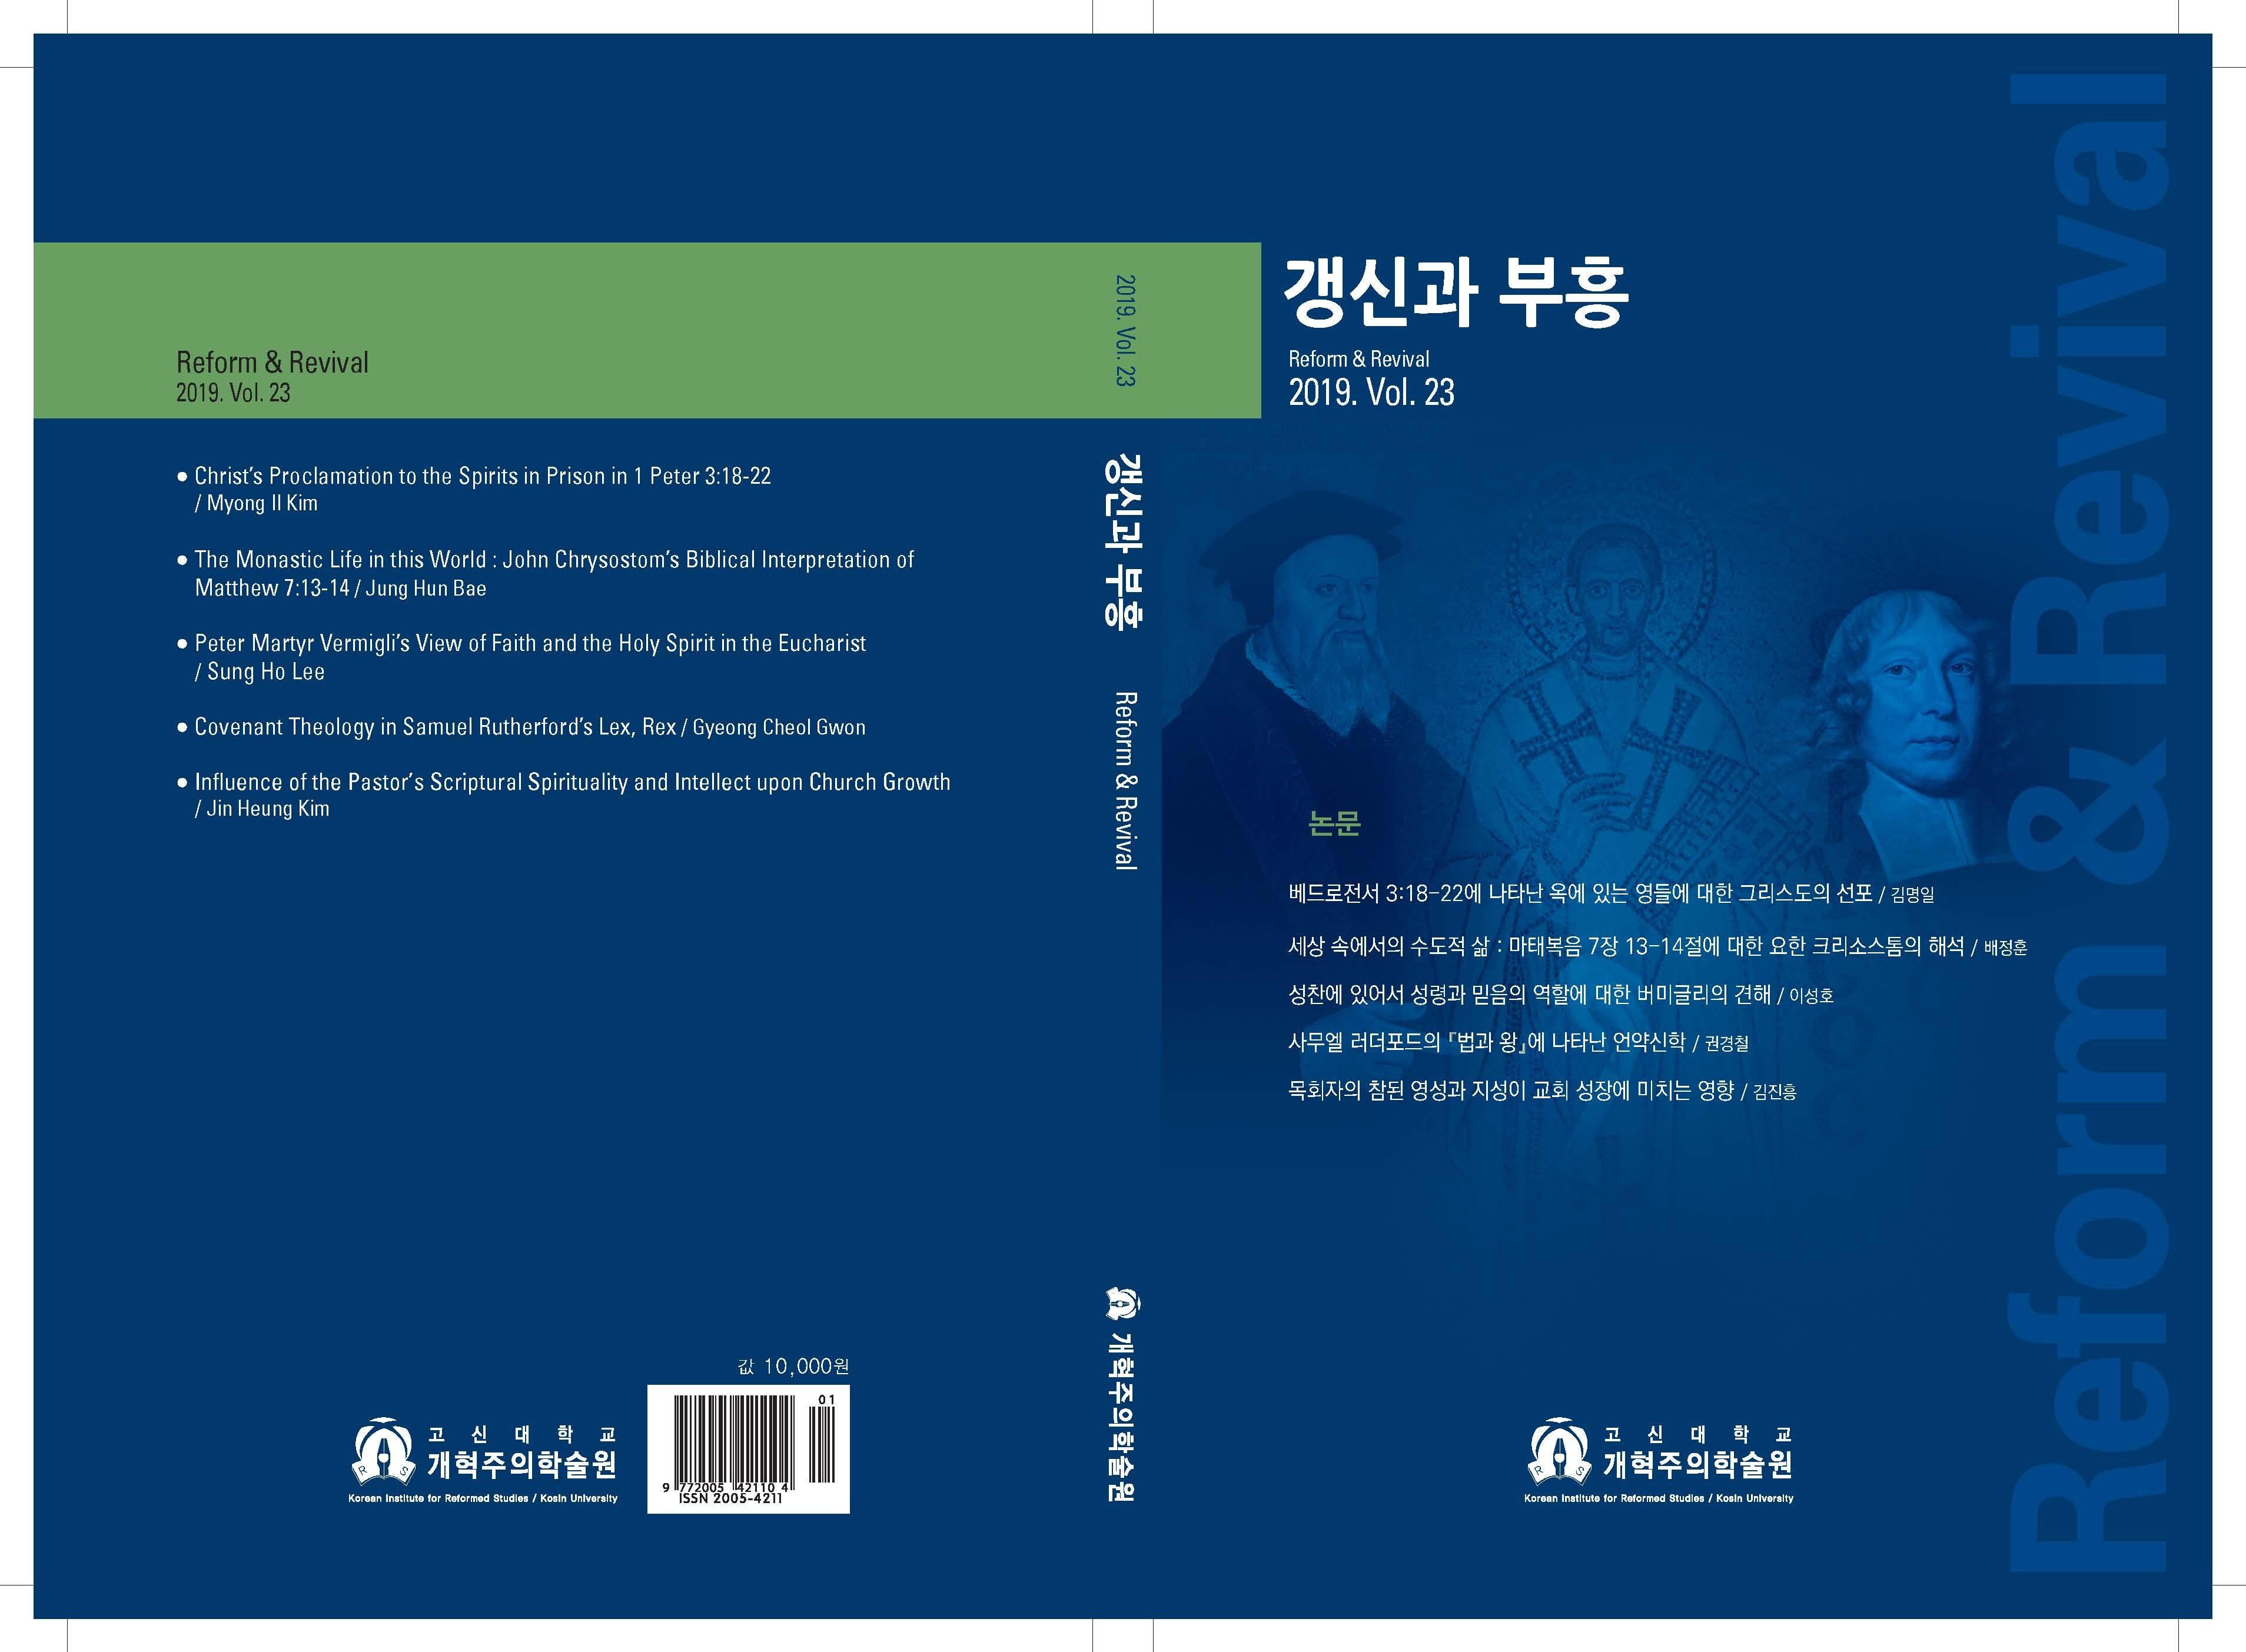 표지-갱신과부흥 Vol.23-3_Page_1.jpg